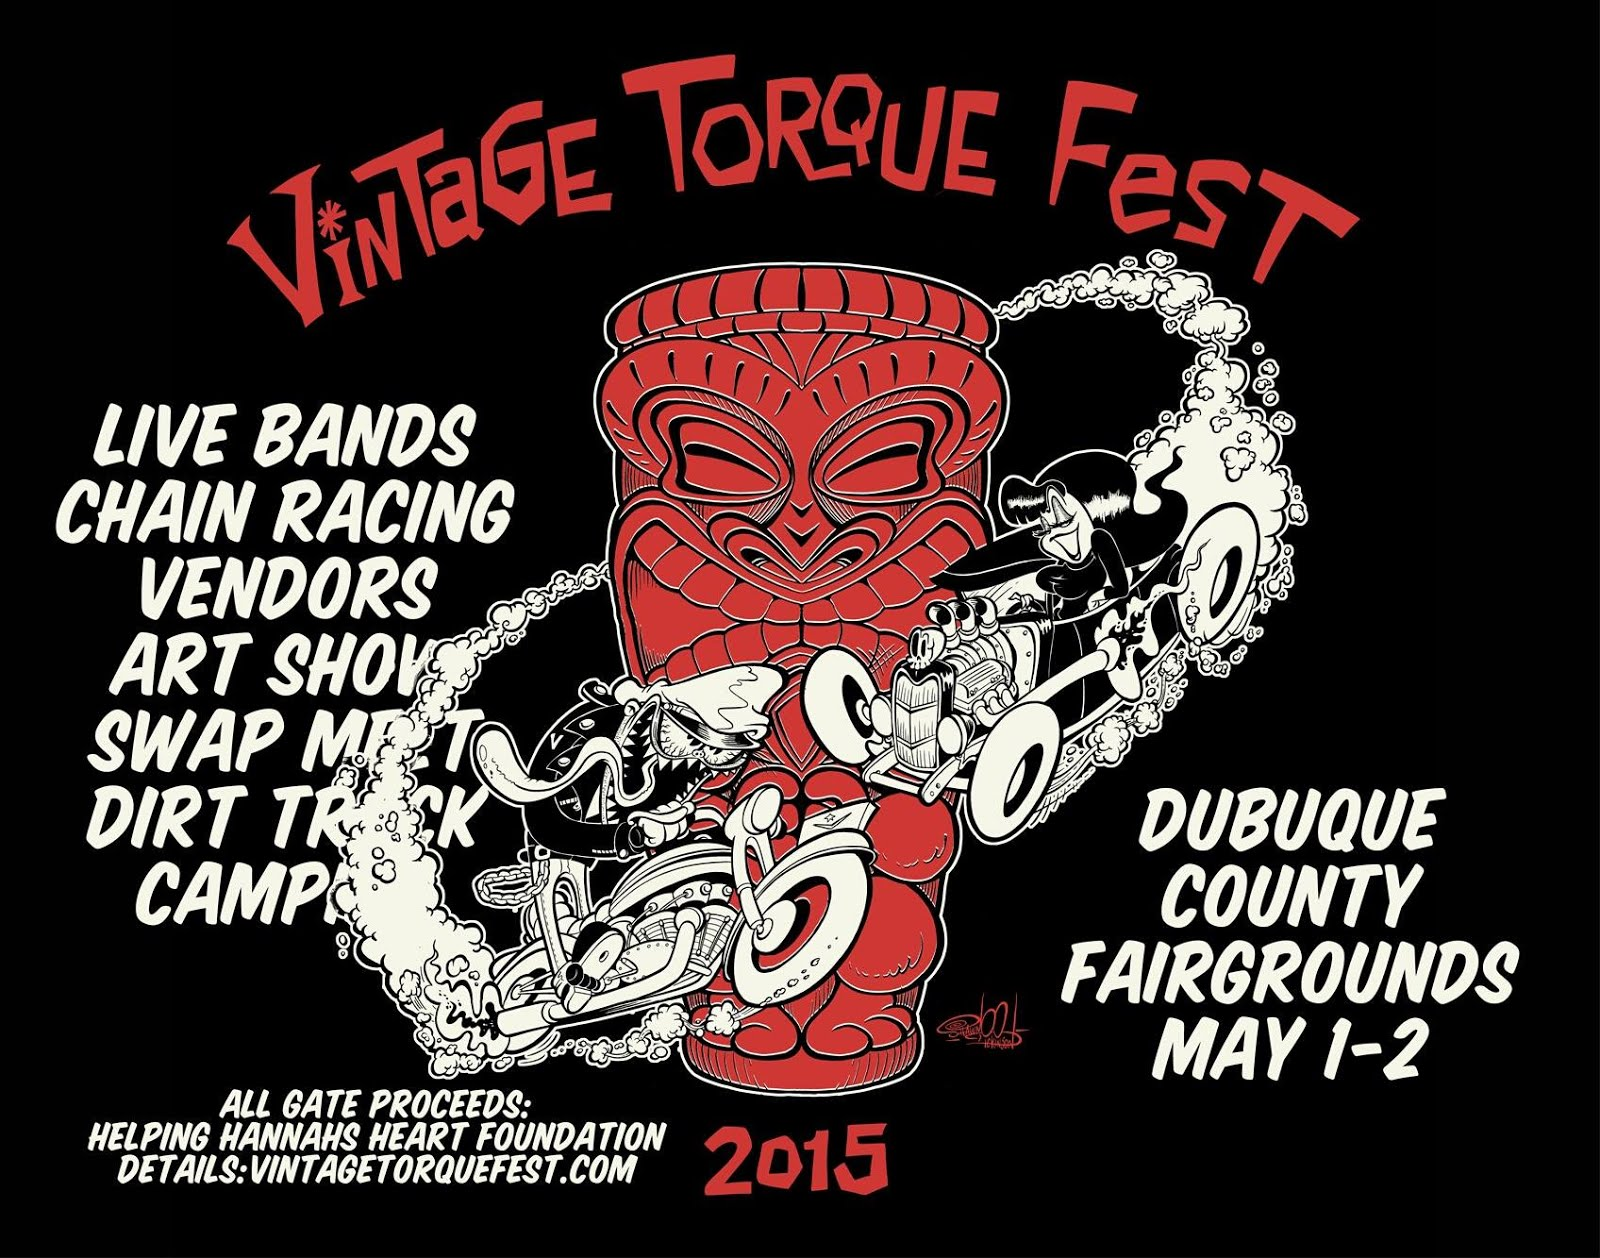 Vintage Torque Fest